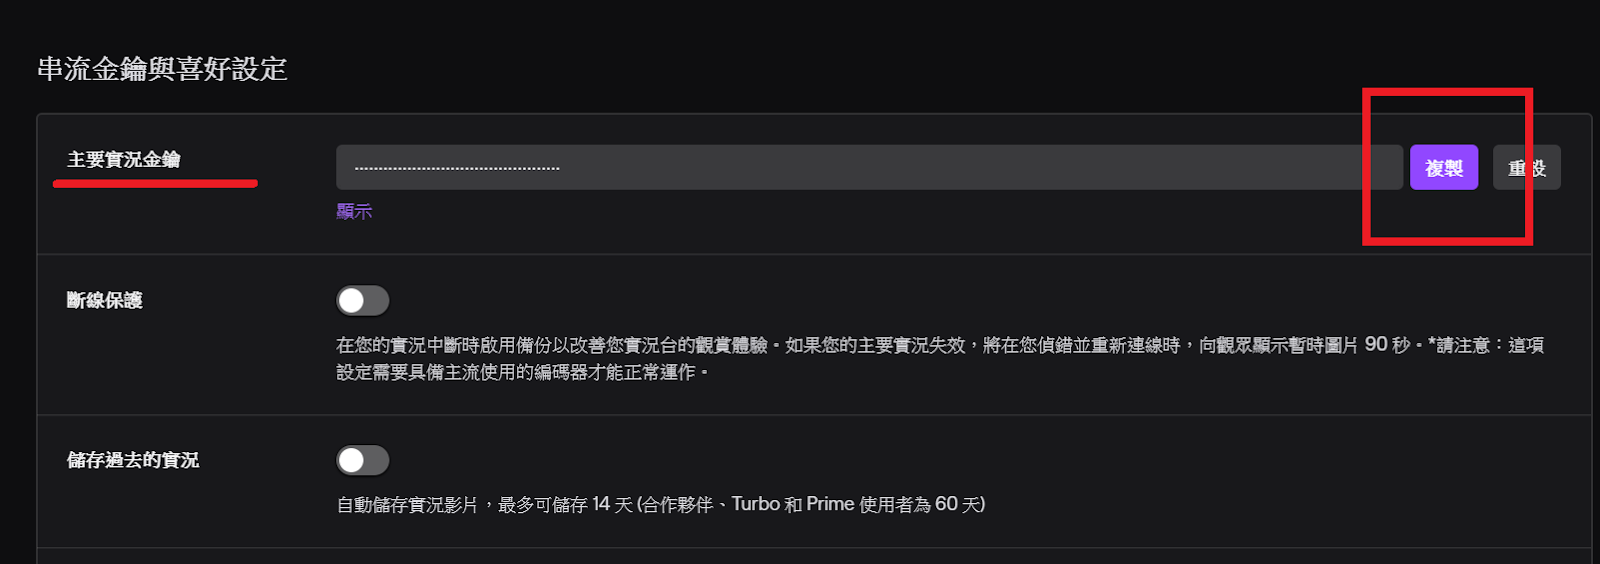 華碩子公司 華芸 ASUSTOR 出的電競 Nas AS5304T 4Bay